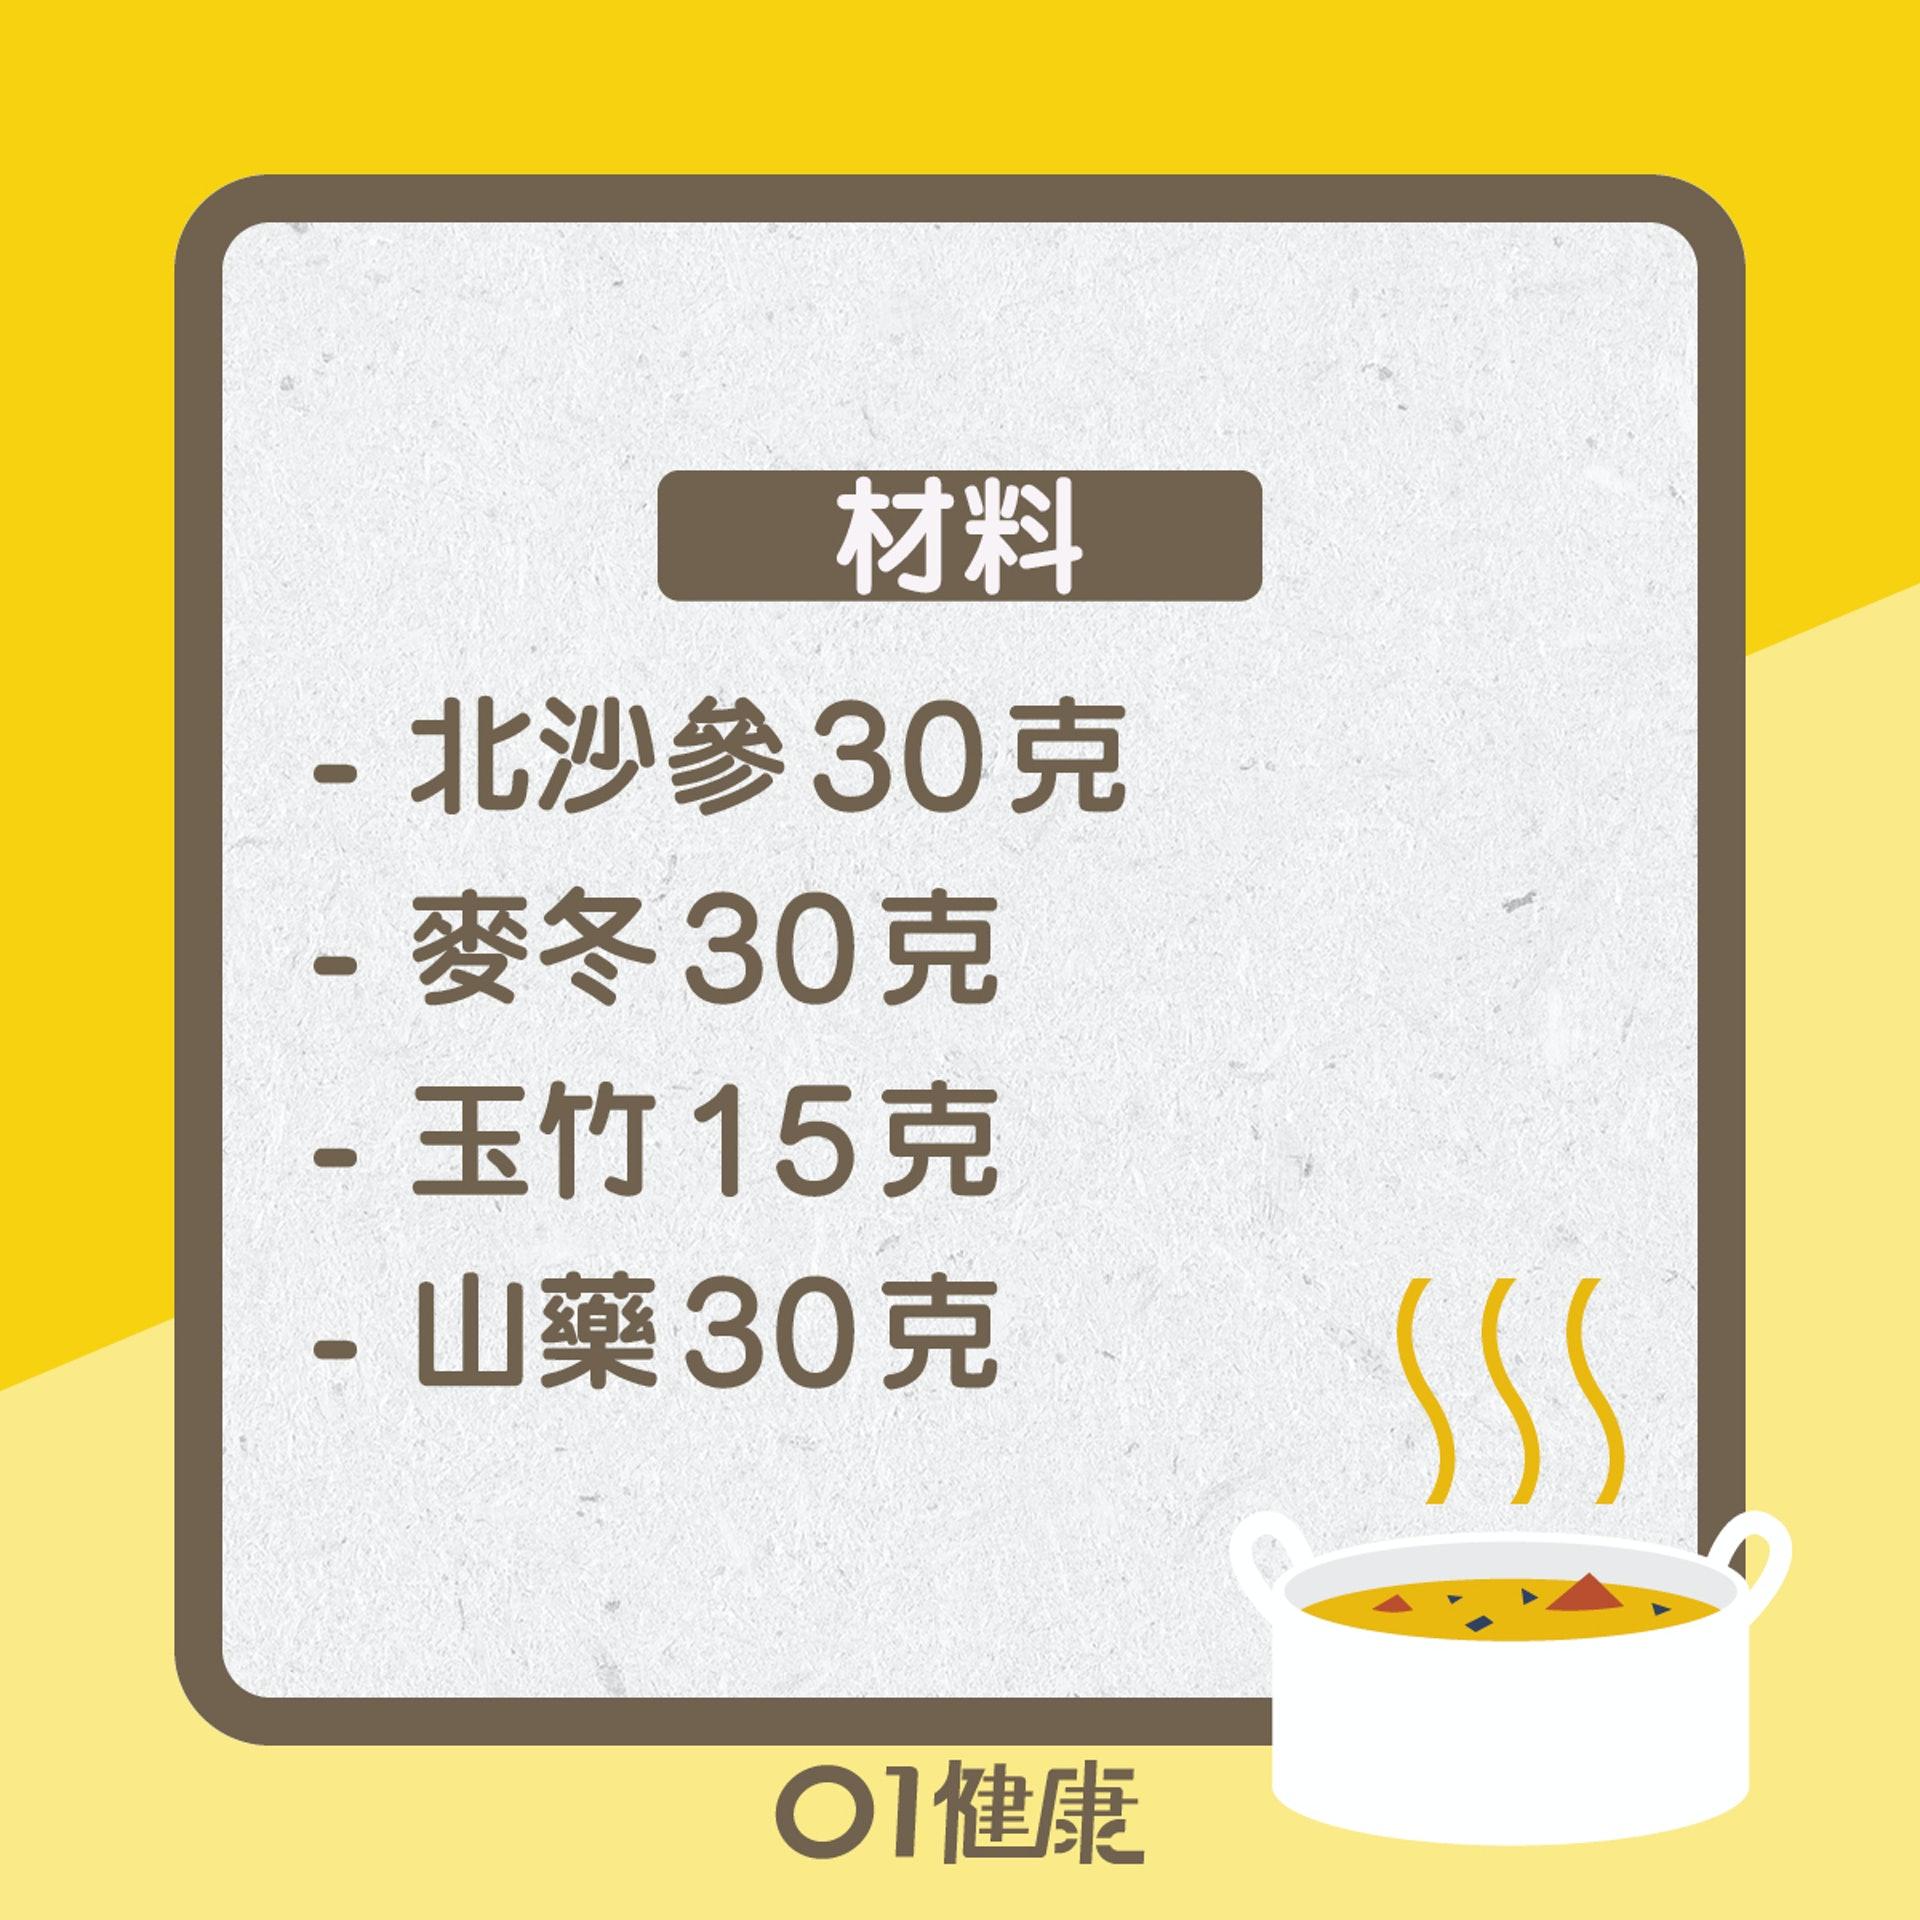 糖尿病食療 (01製圖)